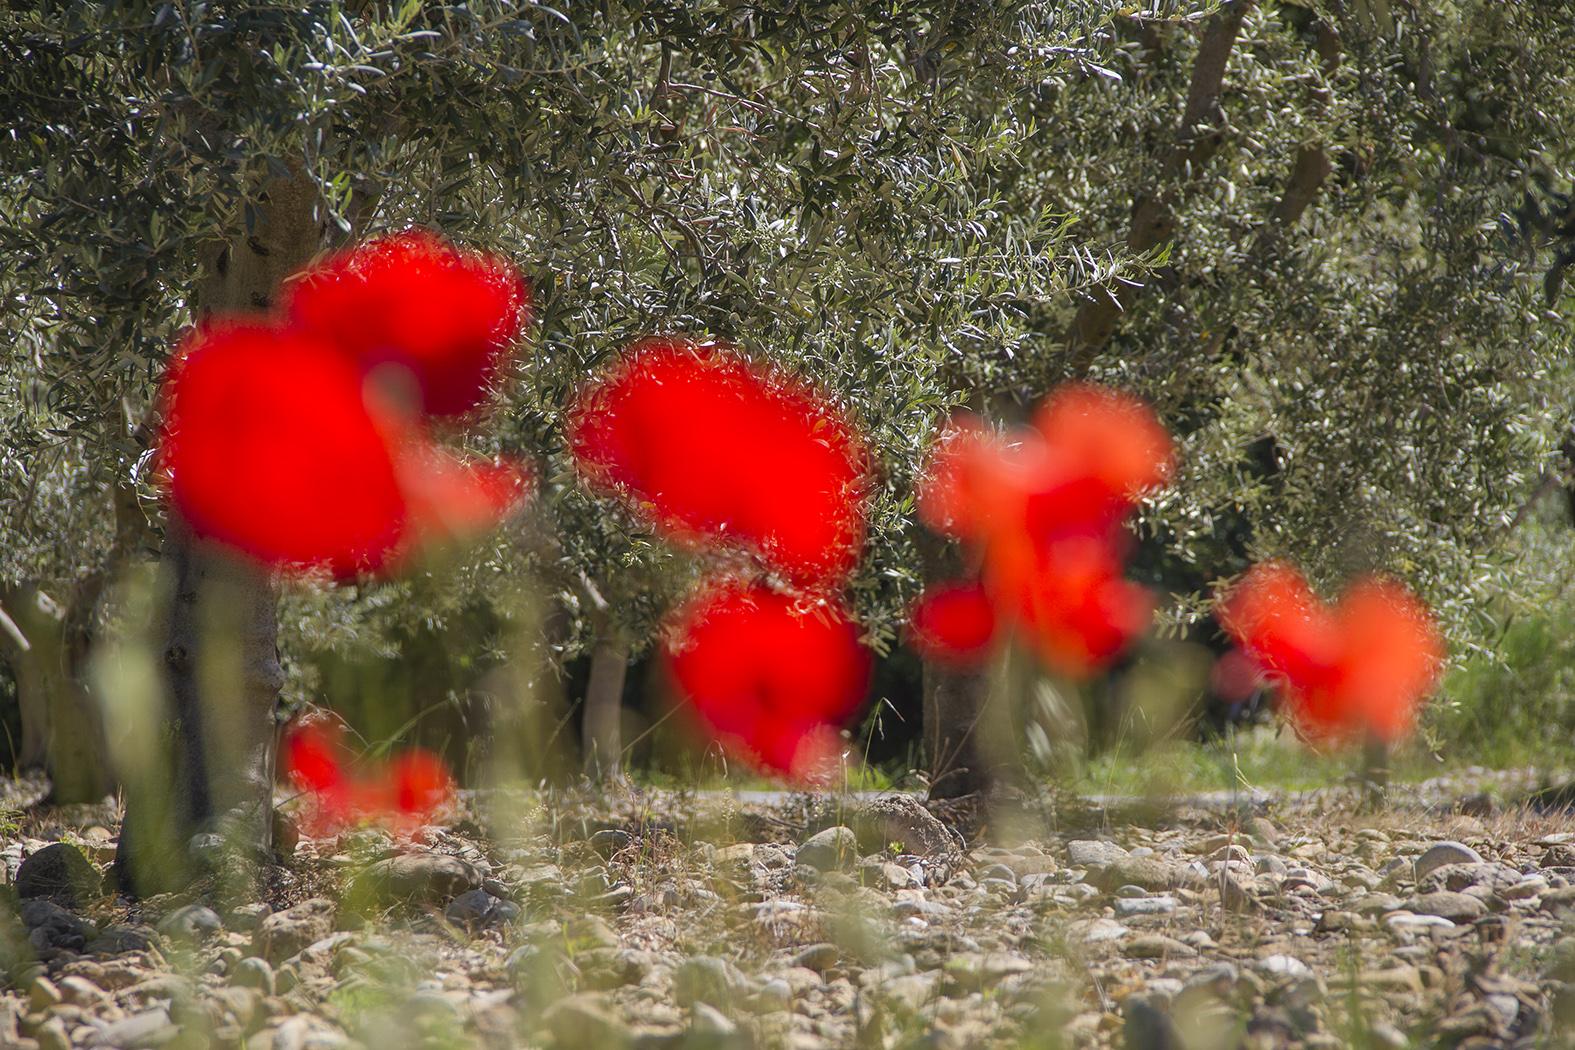 Coquelicots devant oliviers aux Mées